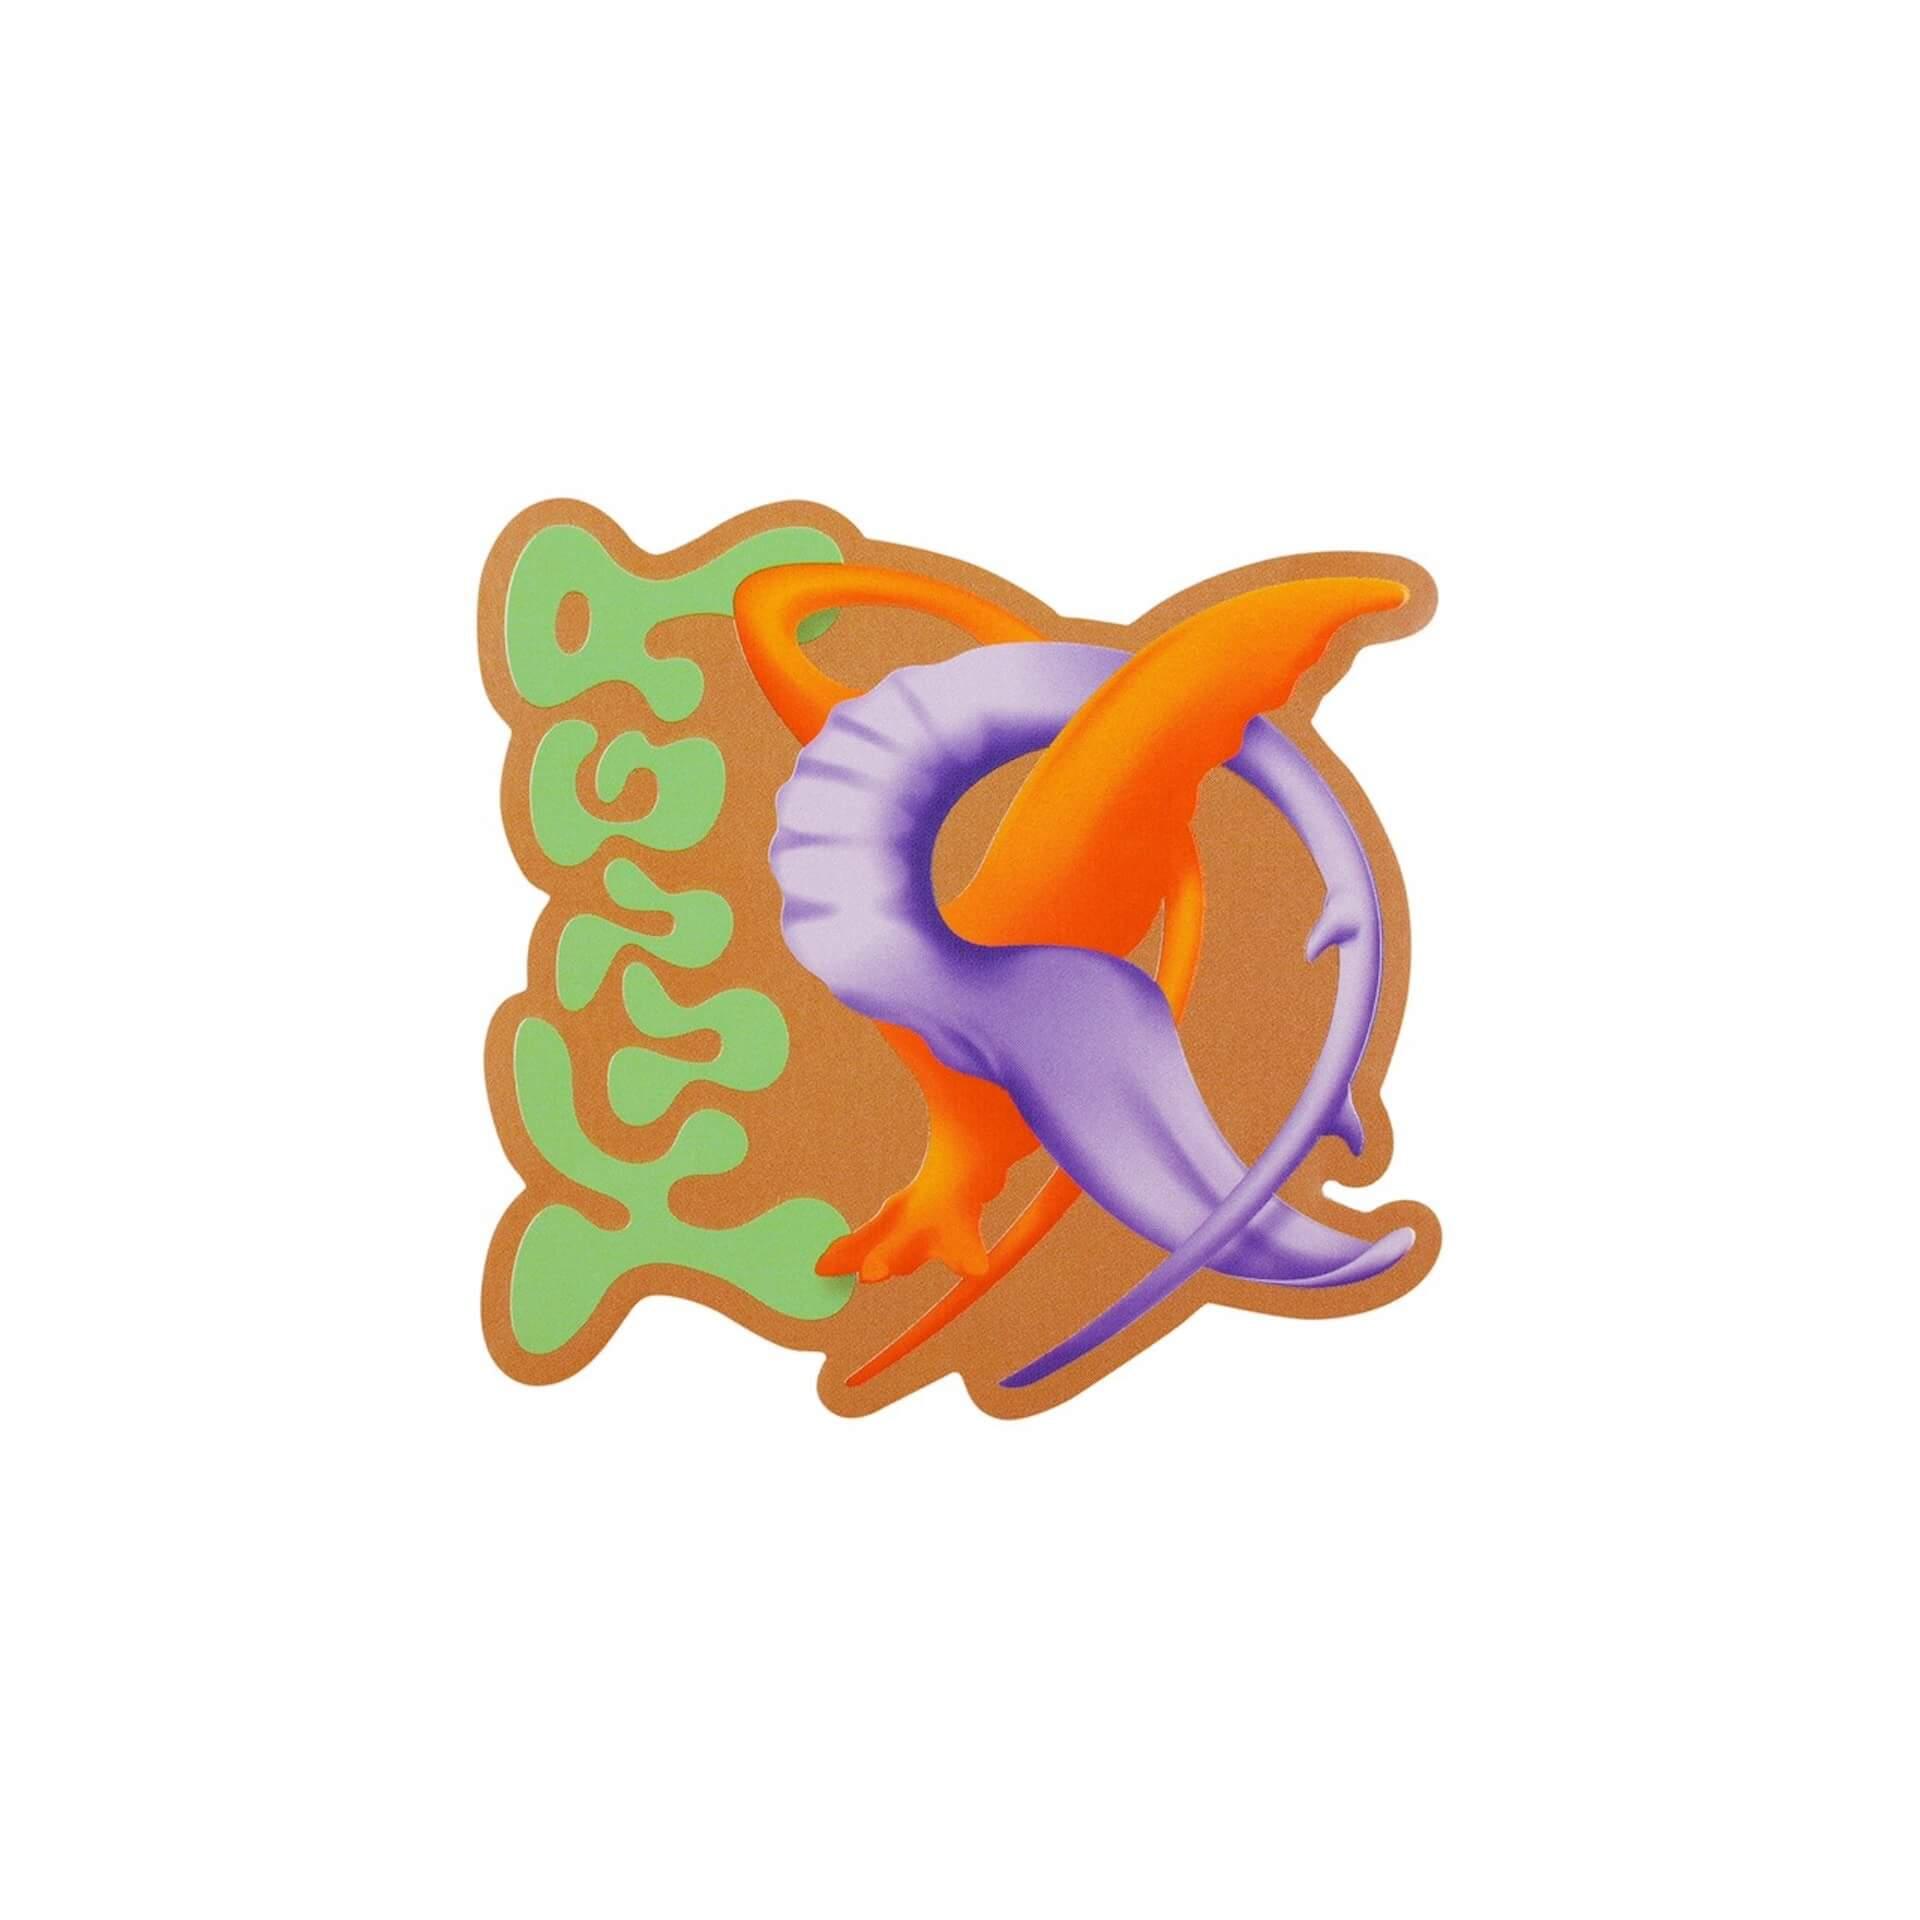 Tohji、Loota、Brodinskiのコラボアルバム『KUUGA』のオフィシャルグッズが3日間限定発売決定! life210610_tohji_kuuga_3